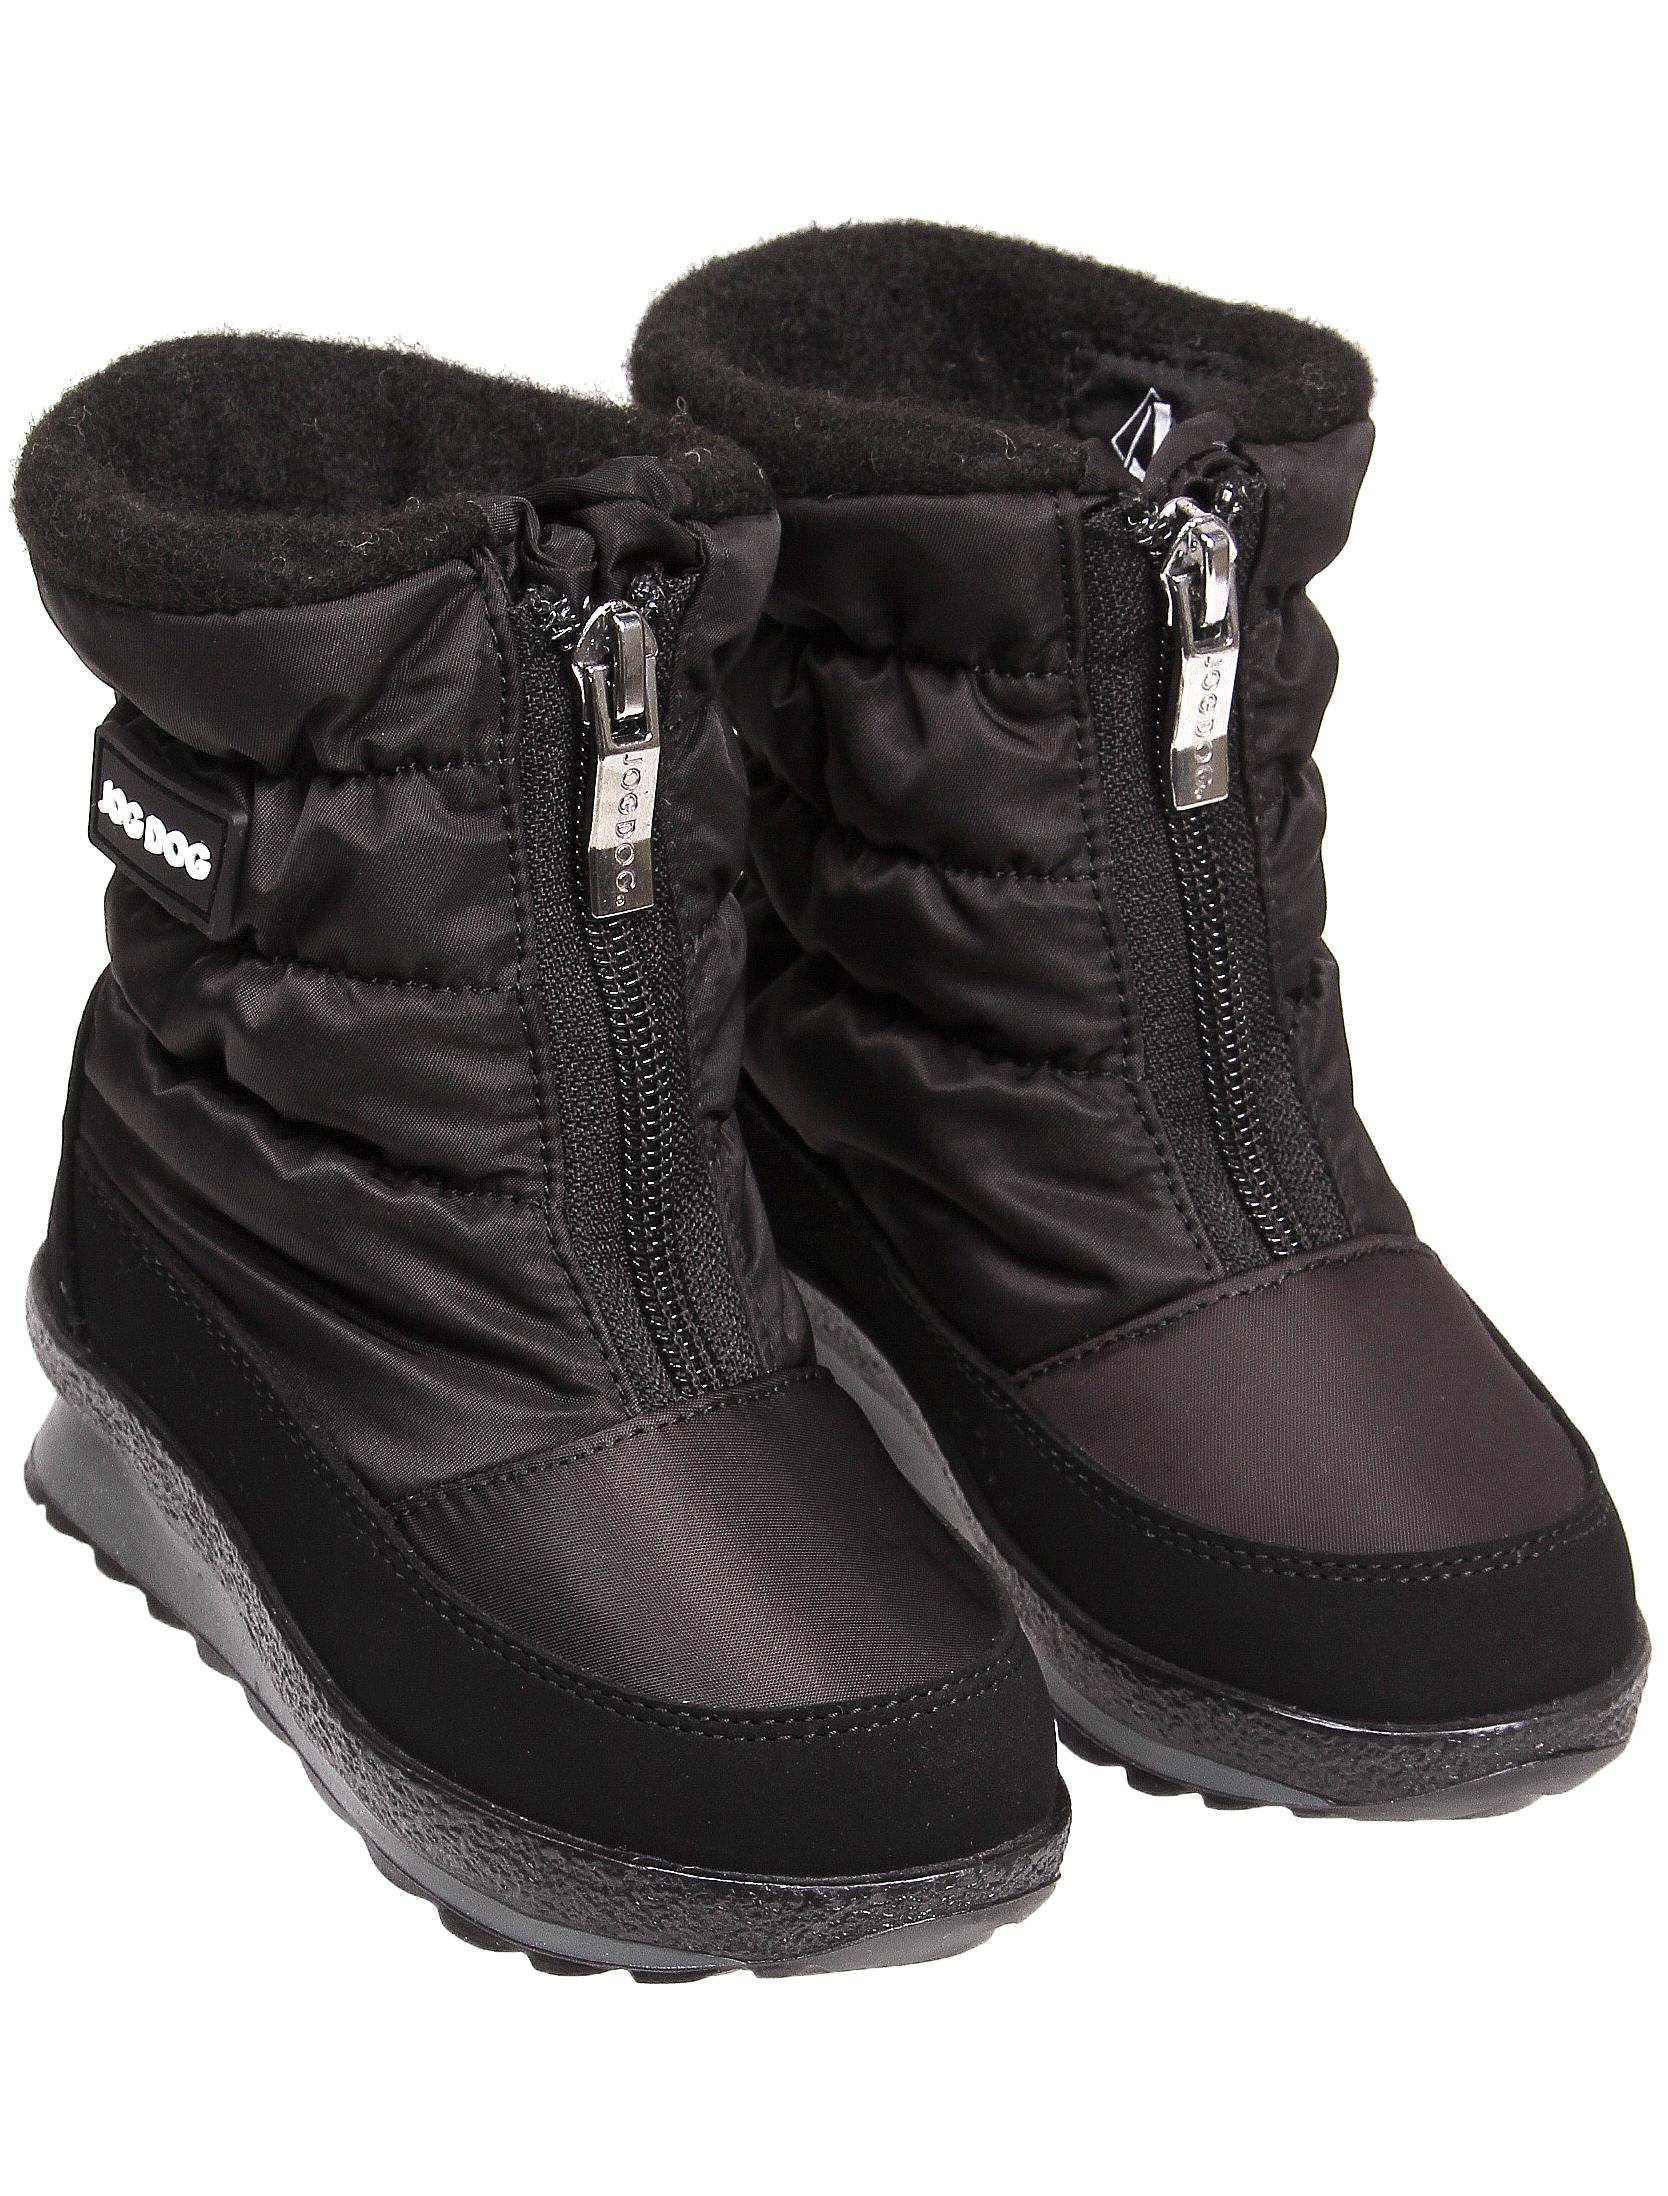 Купить 2119949, Сапоги Jog Dog, черный, Женский, 2021109980206